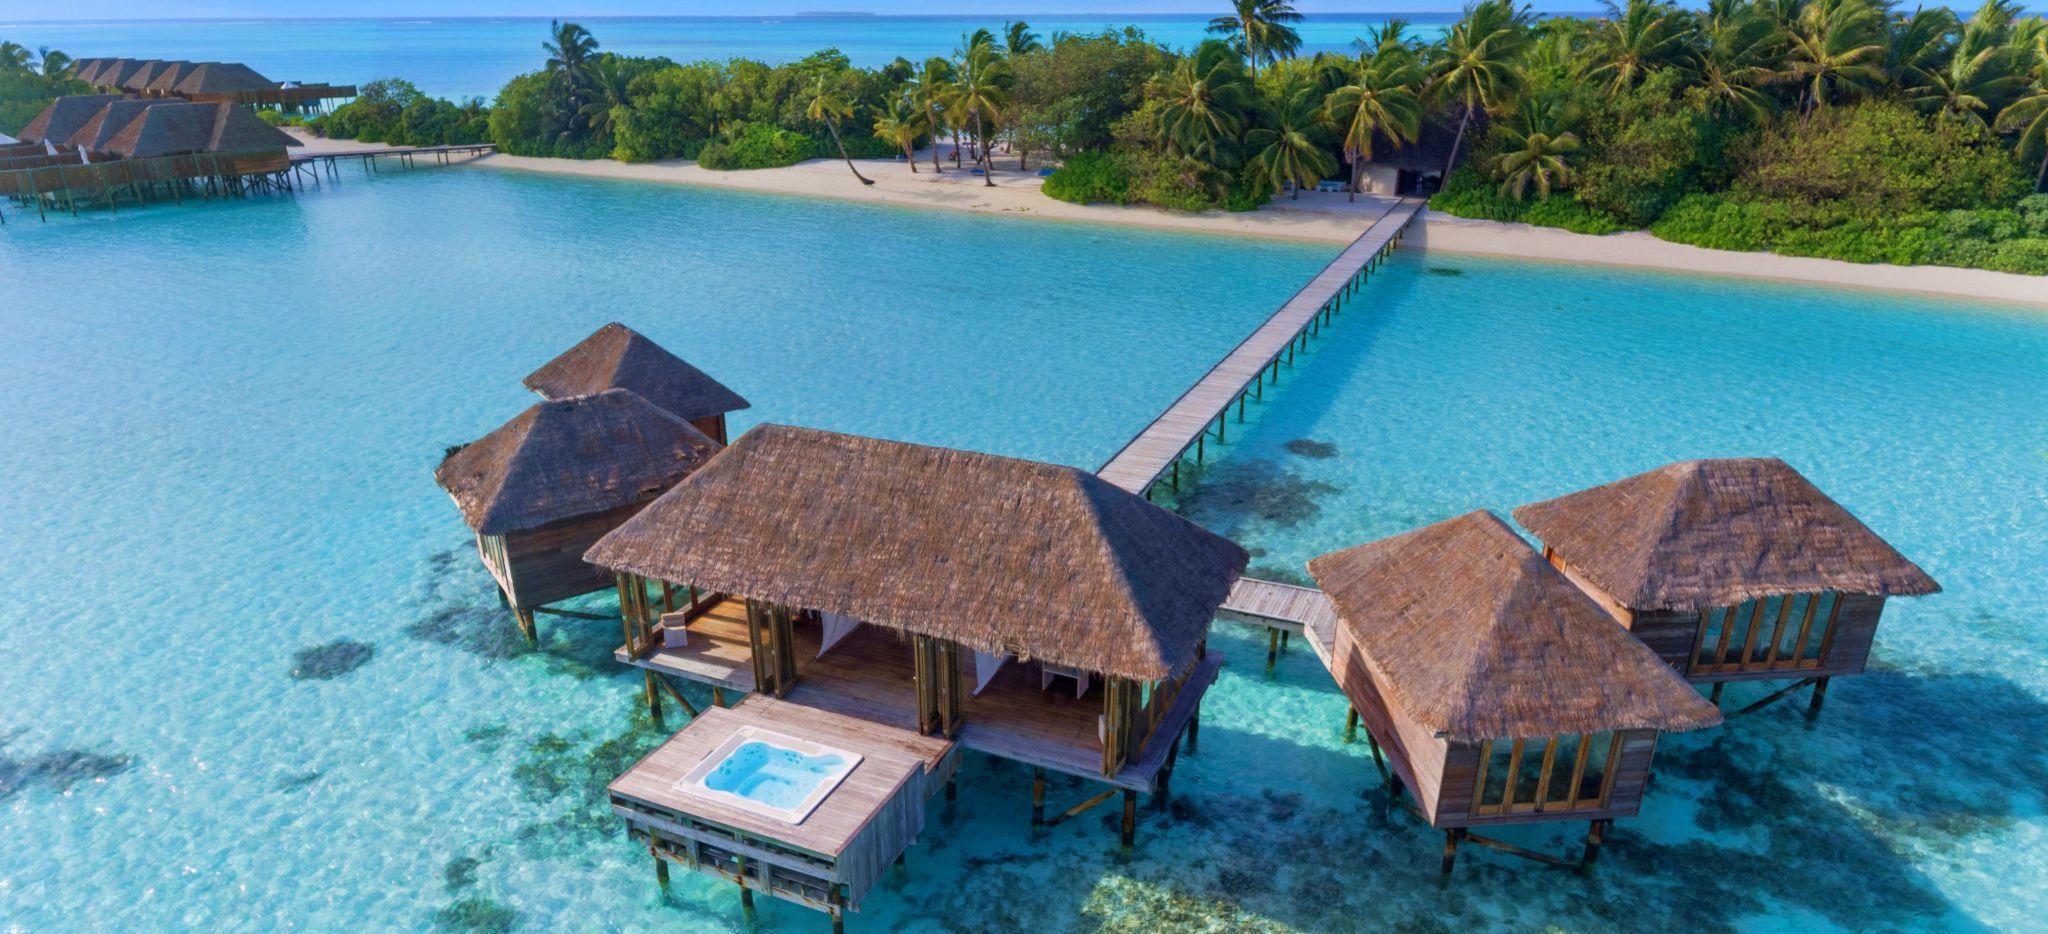 Eine Wasservilla, in der sich ein Wellness-Bereich befindet. Im Hintergrund die Hotelinsel Conrad Maldives